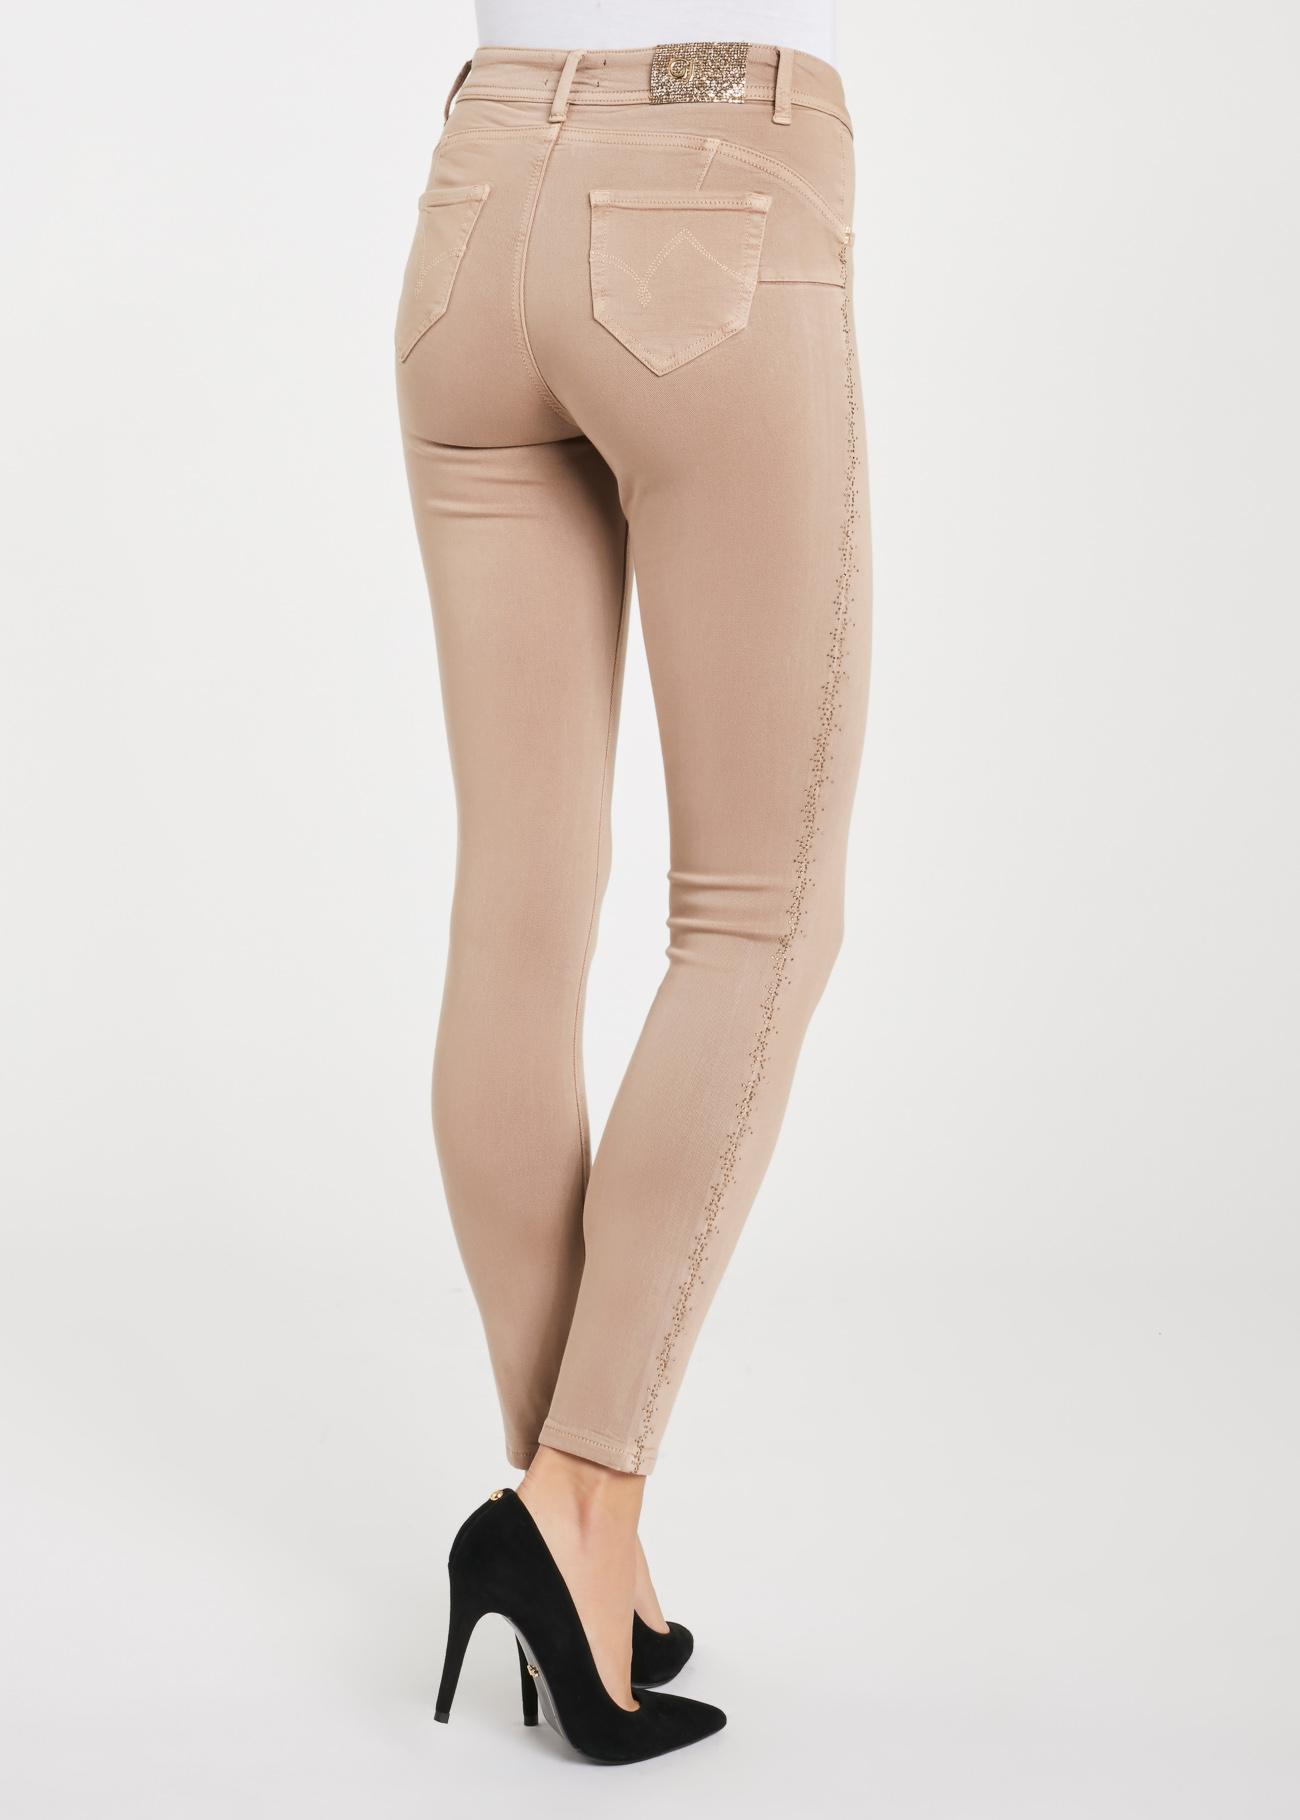 Pantslone 5 tasche  GAUDI | Pantaloni | BD250042373